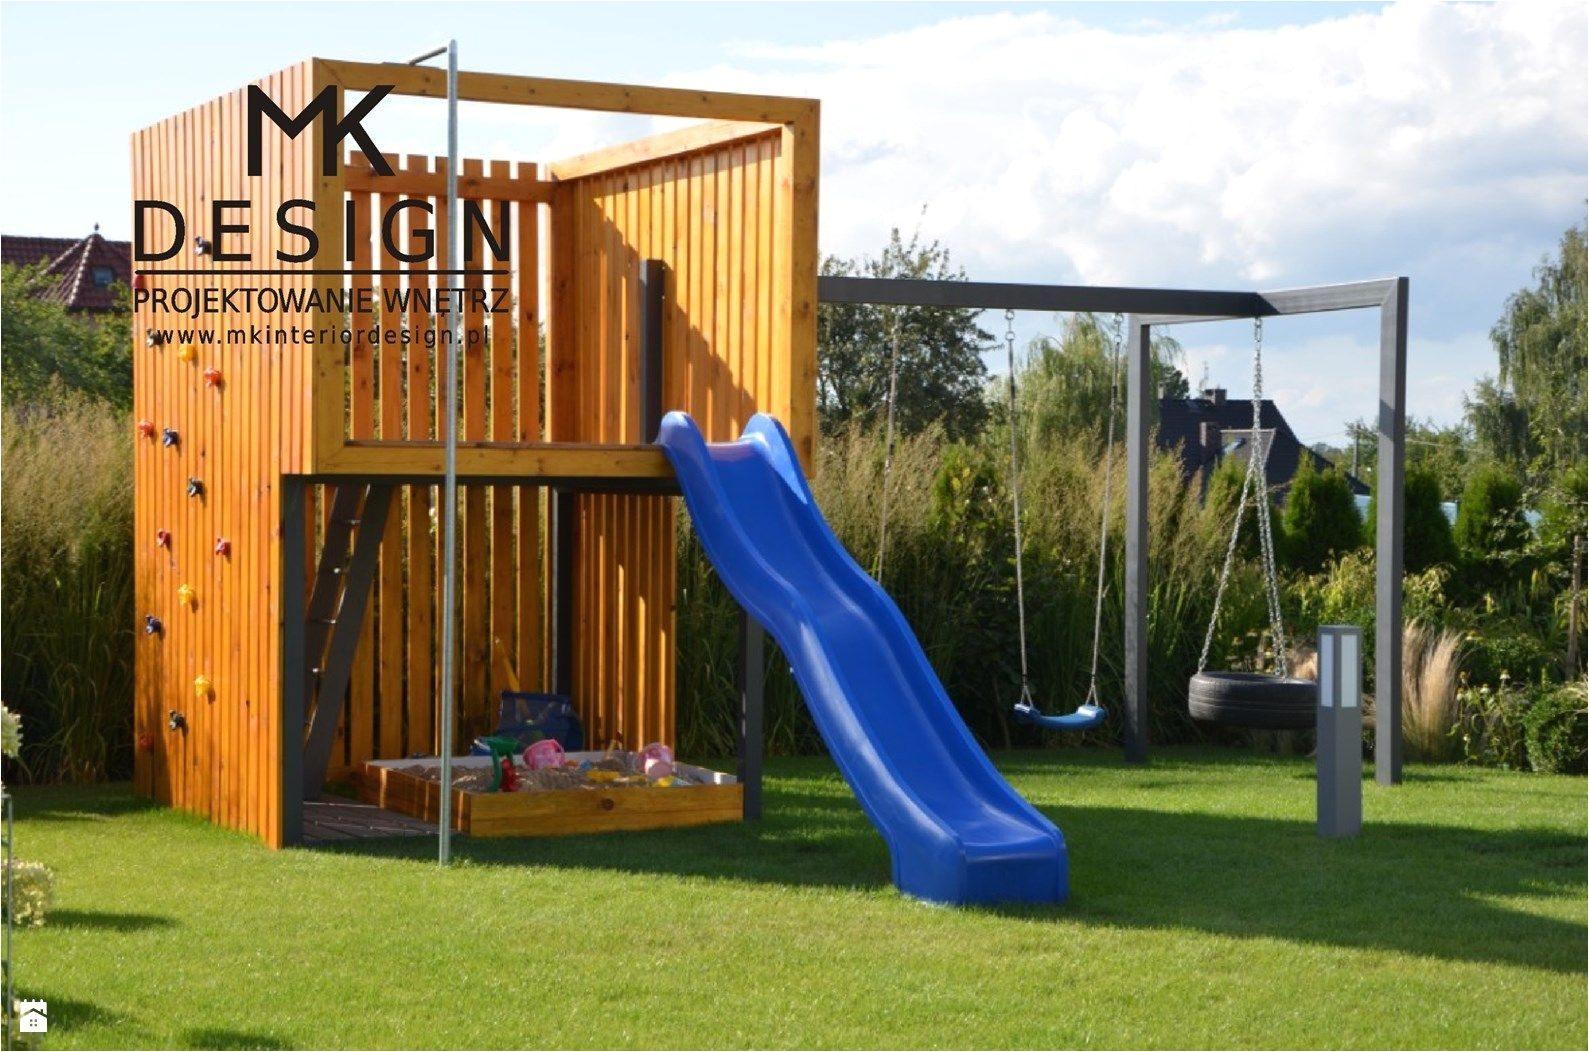 """diy backyard playground ideas top search nowoczesny plac zabaw zdja""""a""""¢cie od mk design projektowanie wna""""a""""¢trz ogra³d styl nowoczesny"""